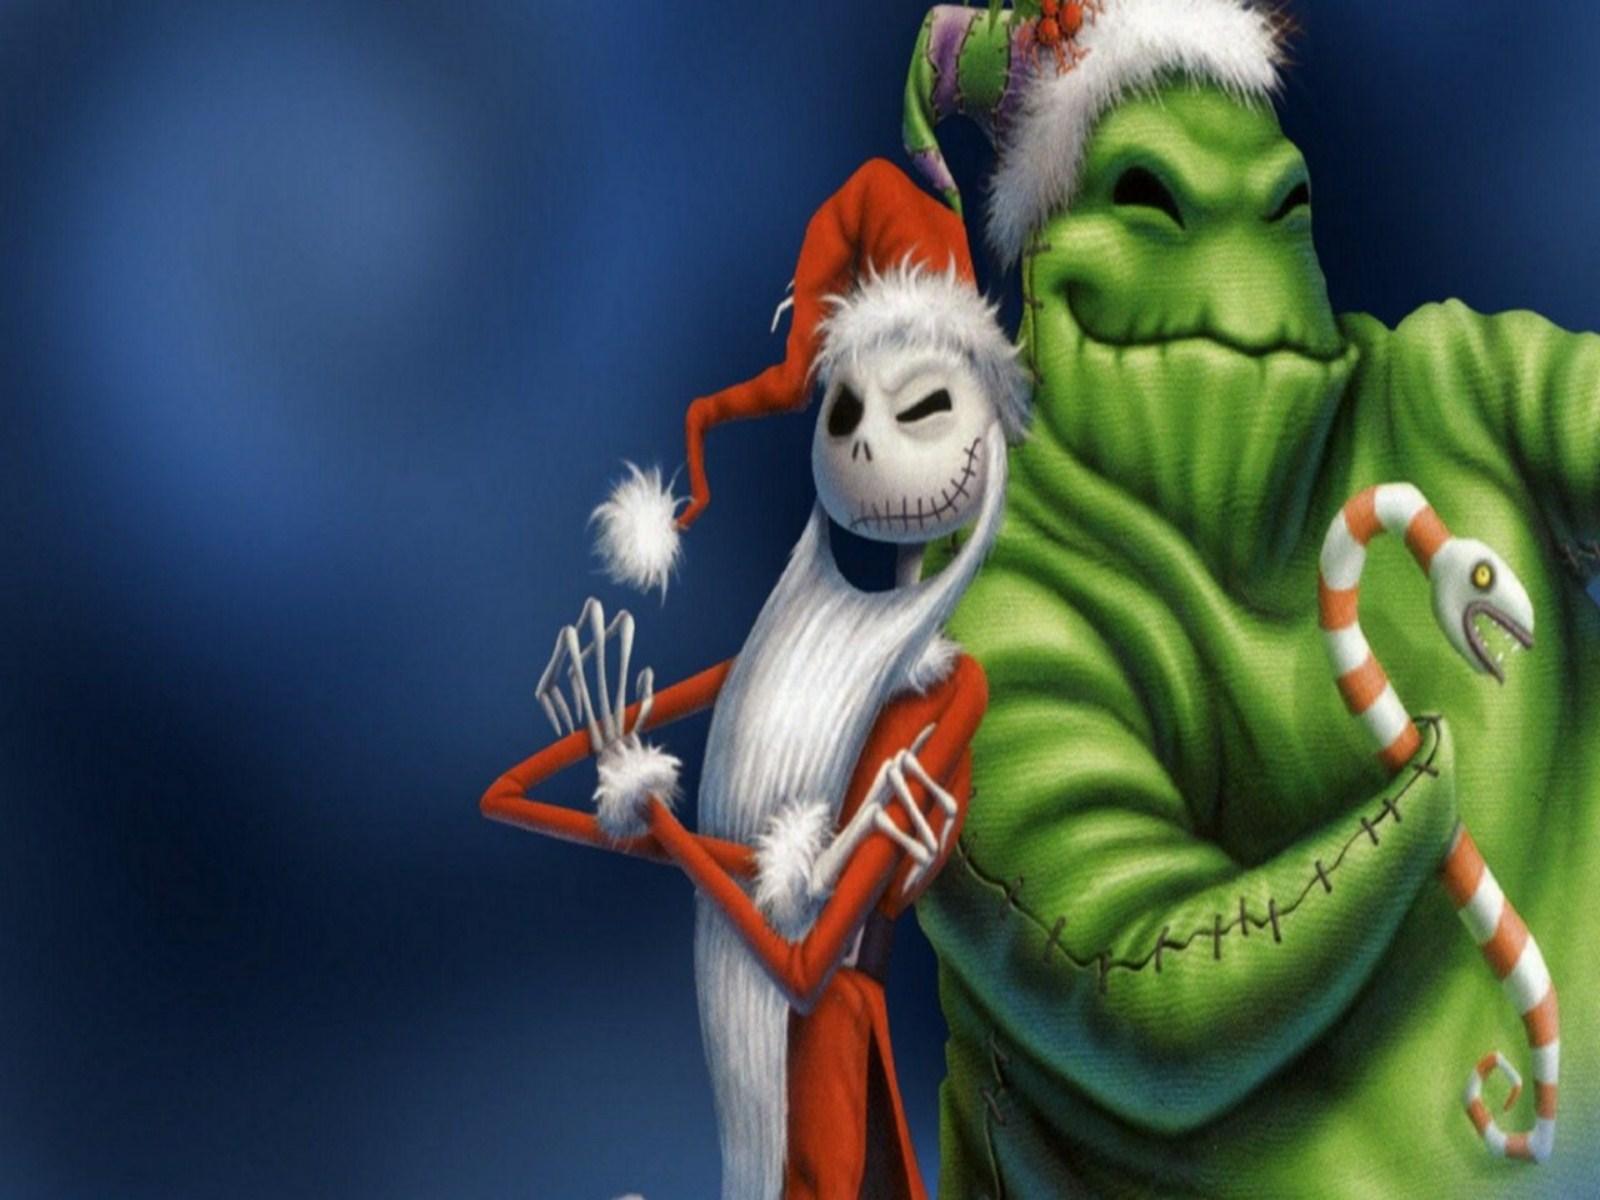 Nightmare Before Christmas Phone Wallpaper - WallpaperSafari